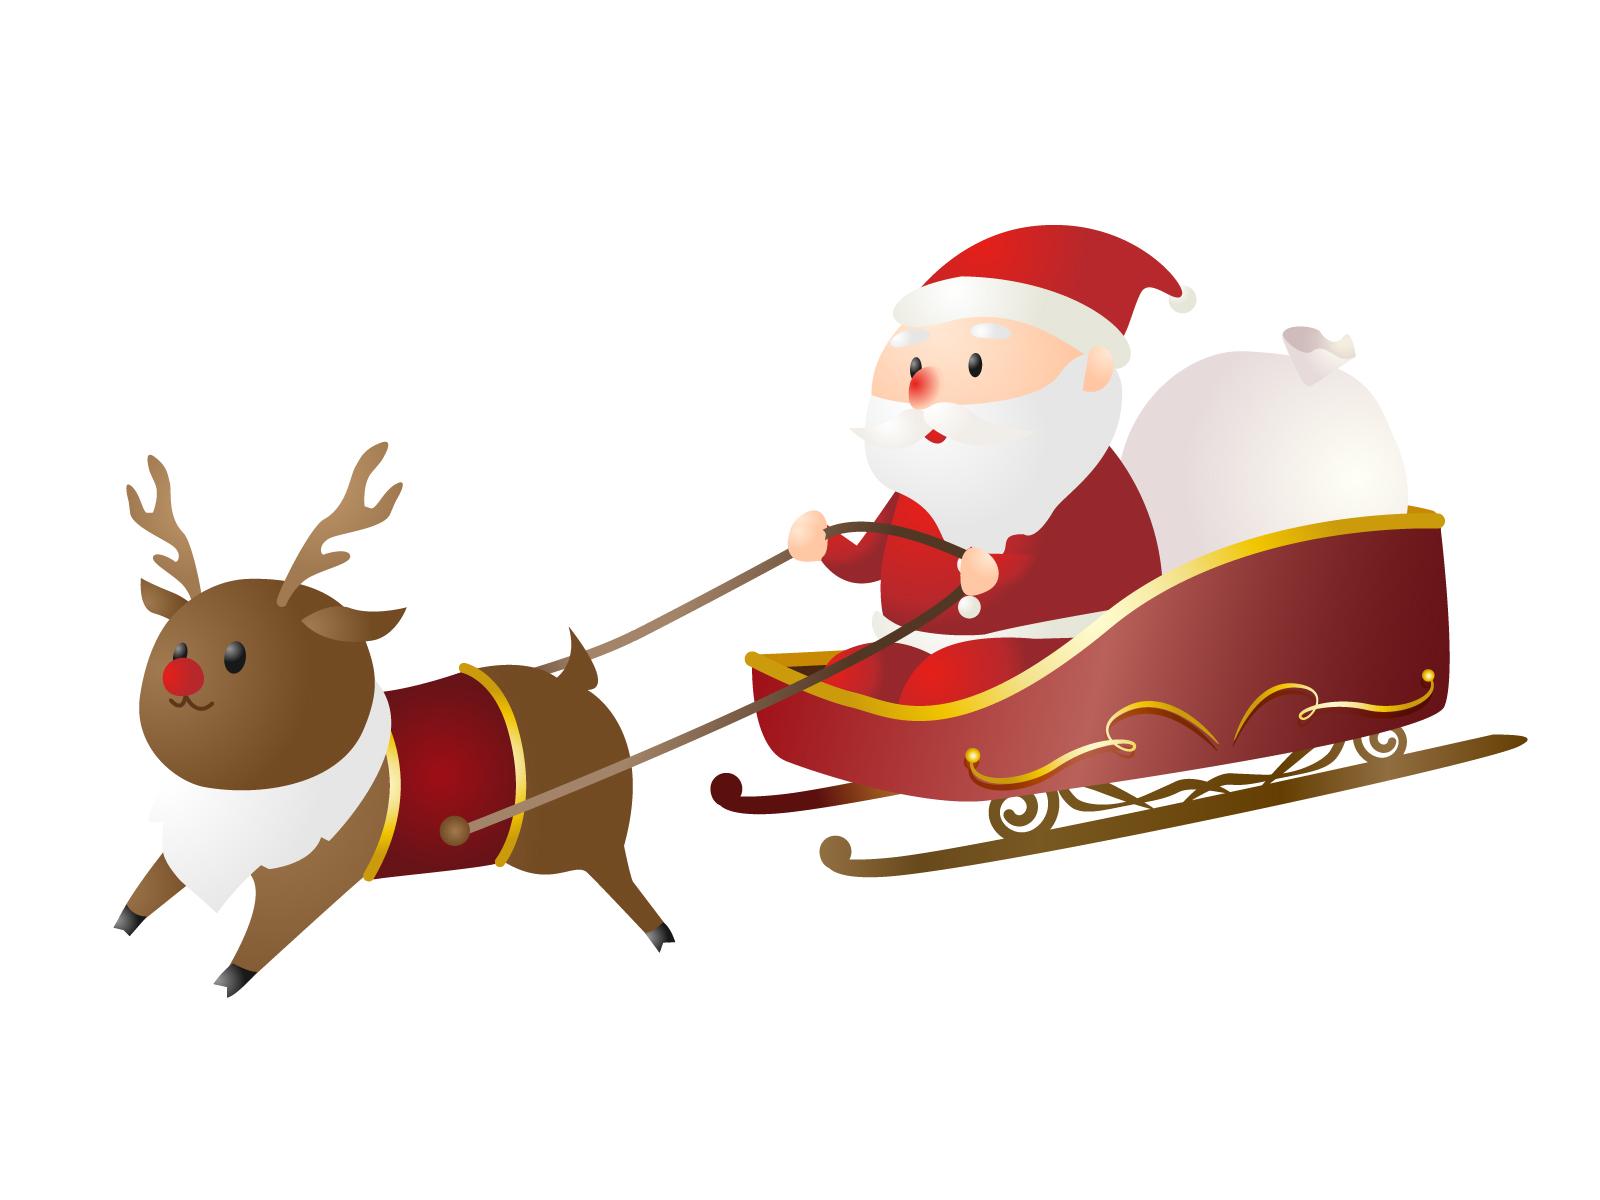 サンタクロース,サンタクロース 由来,サンタクロース 起源,サンタクロース 由来 子供,サンタクロース 由来 子供 説明